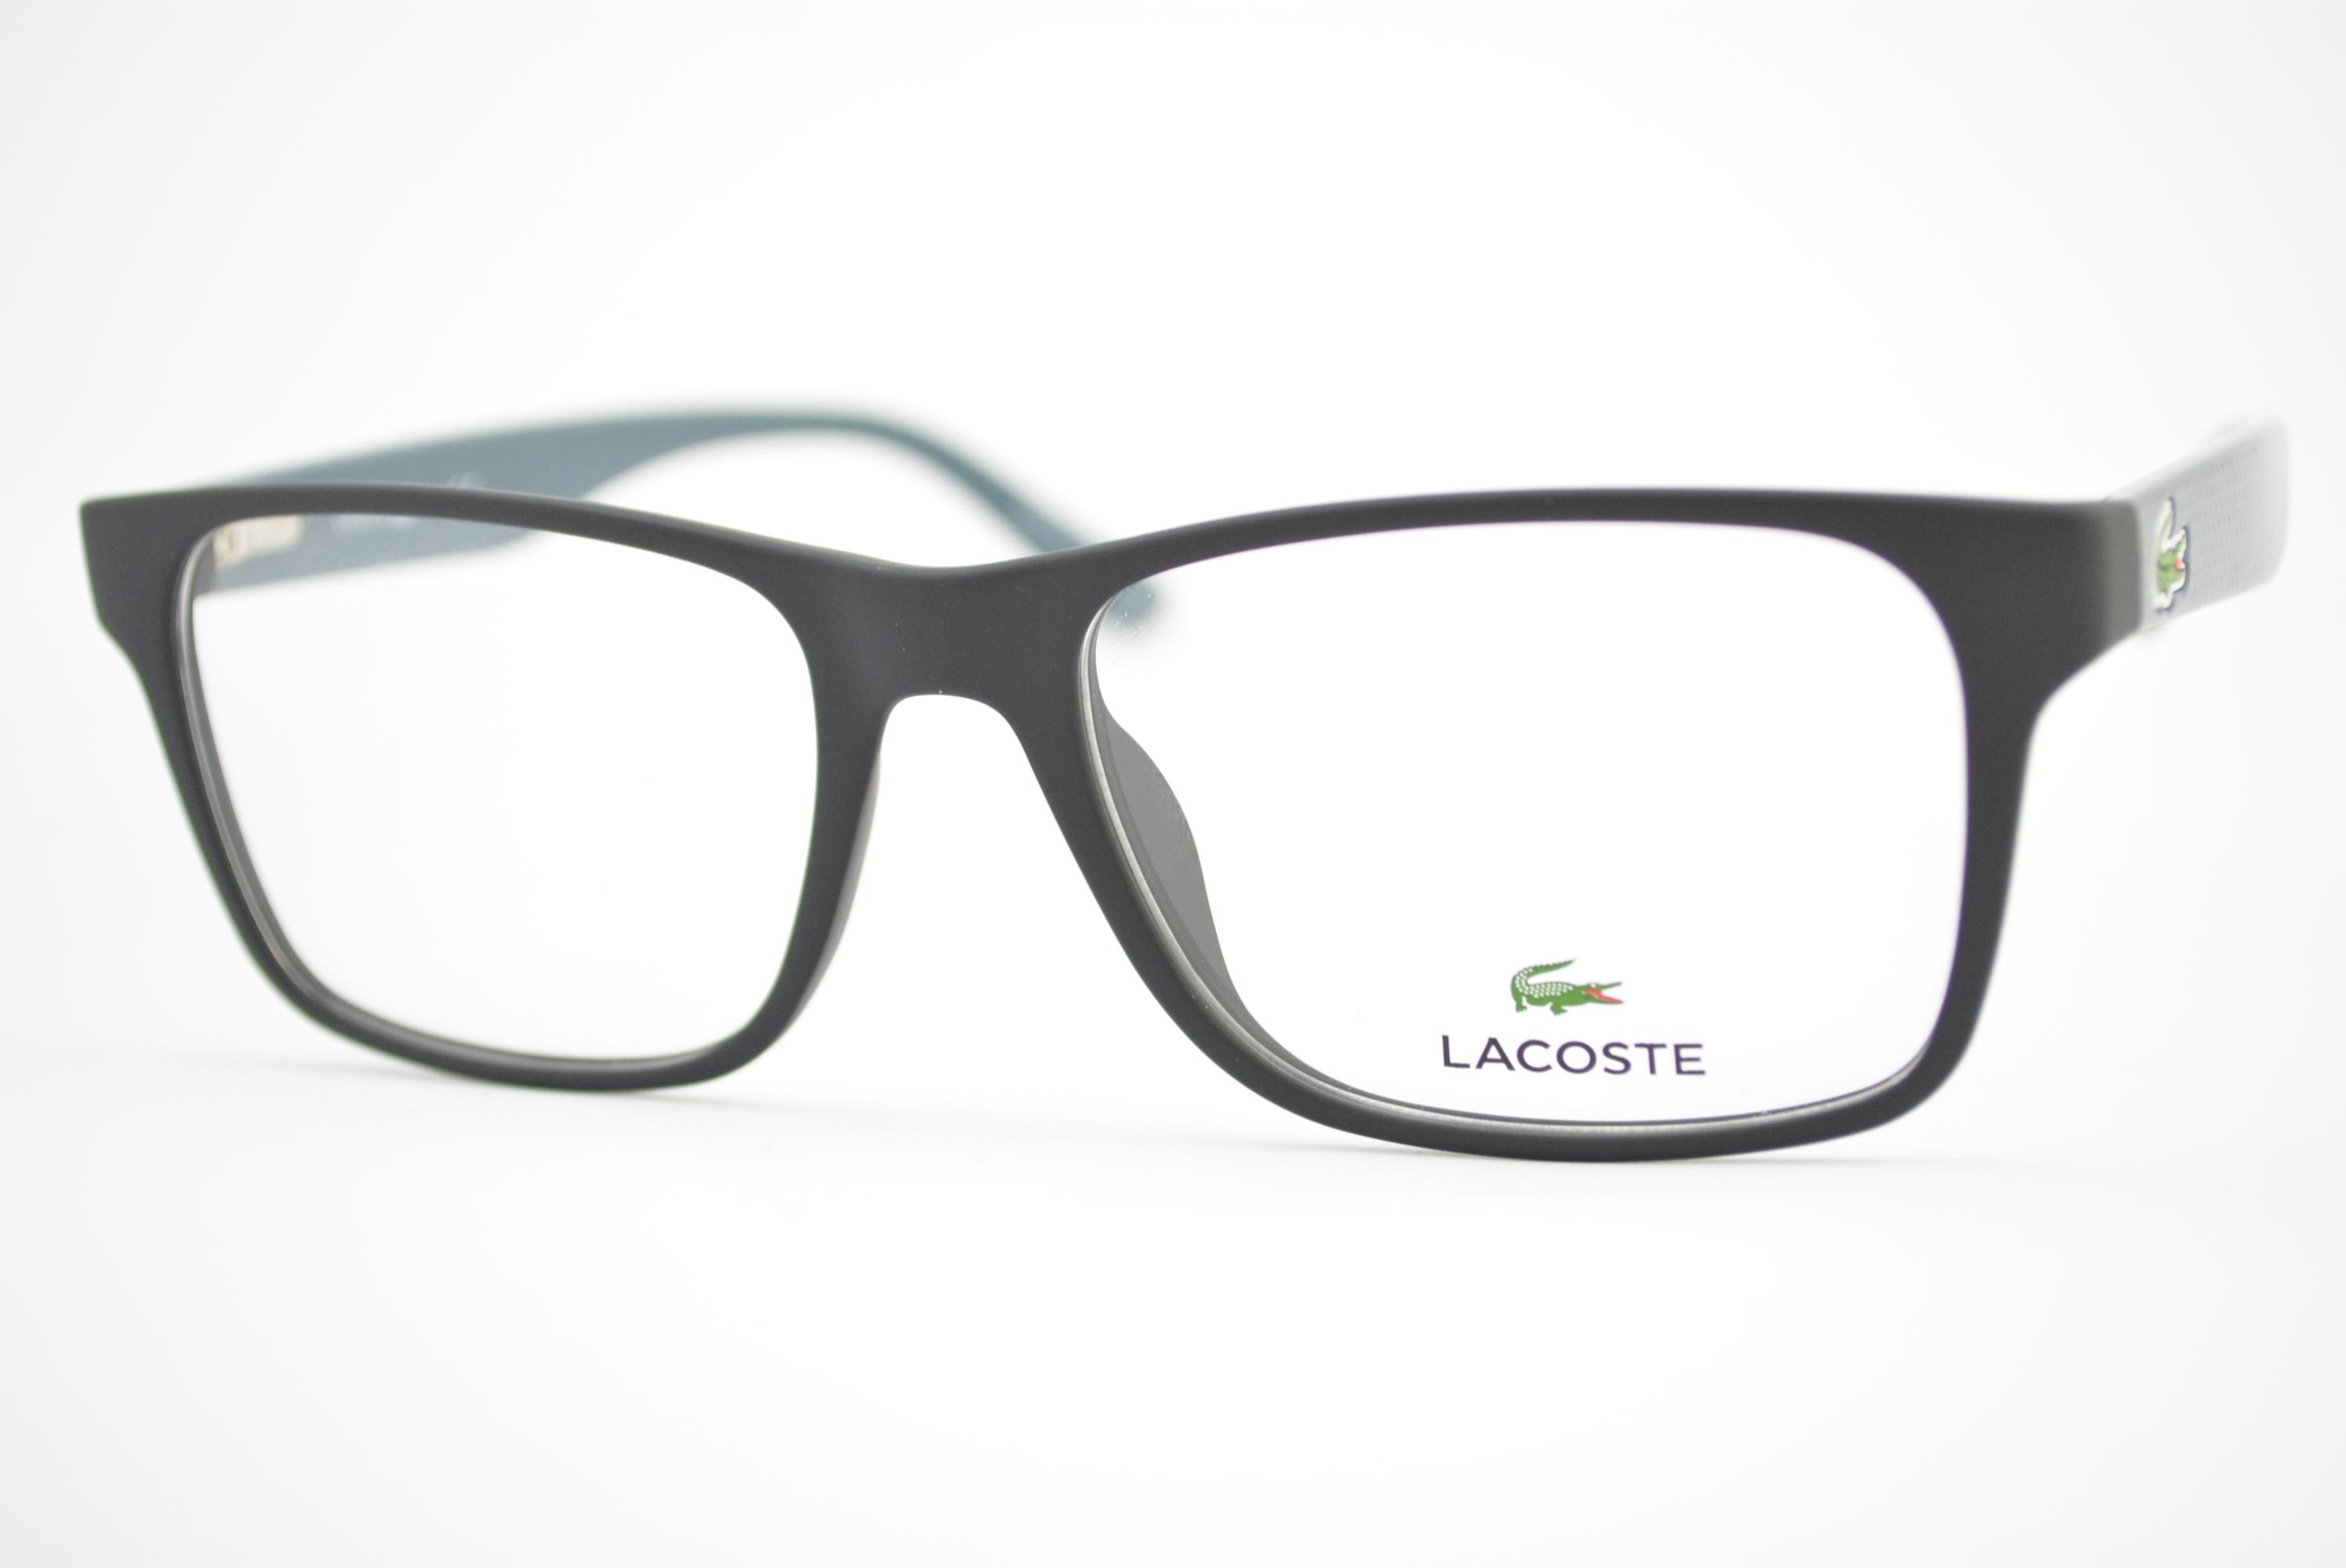 c57bfbf7b armação de óculos Lacoste mod L2741 004 Ótica Cardoso